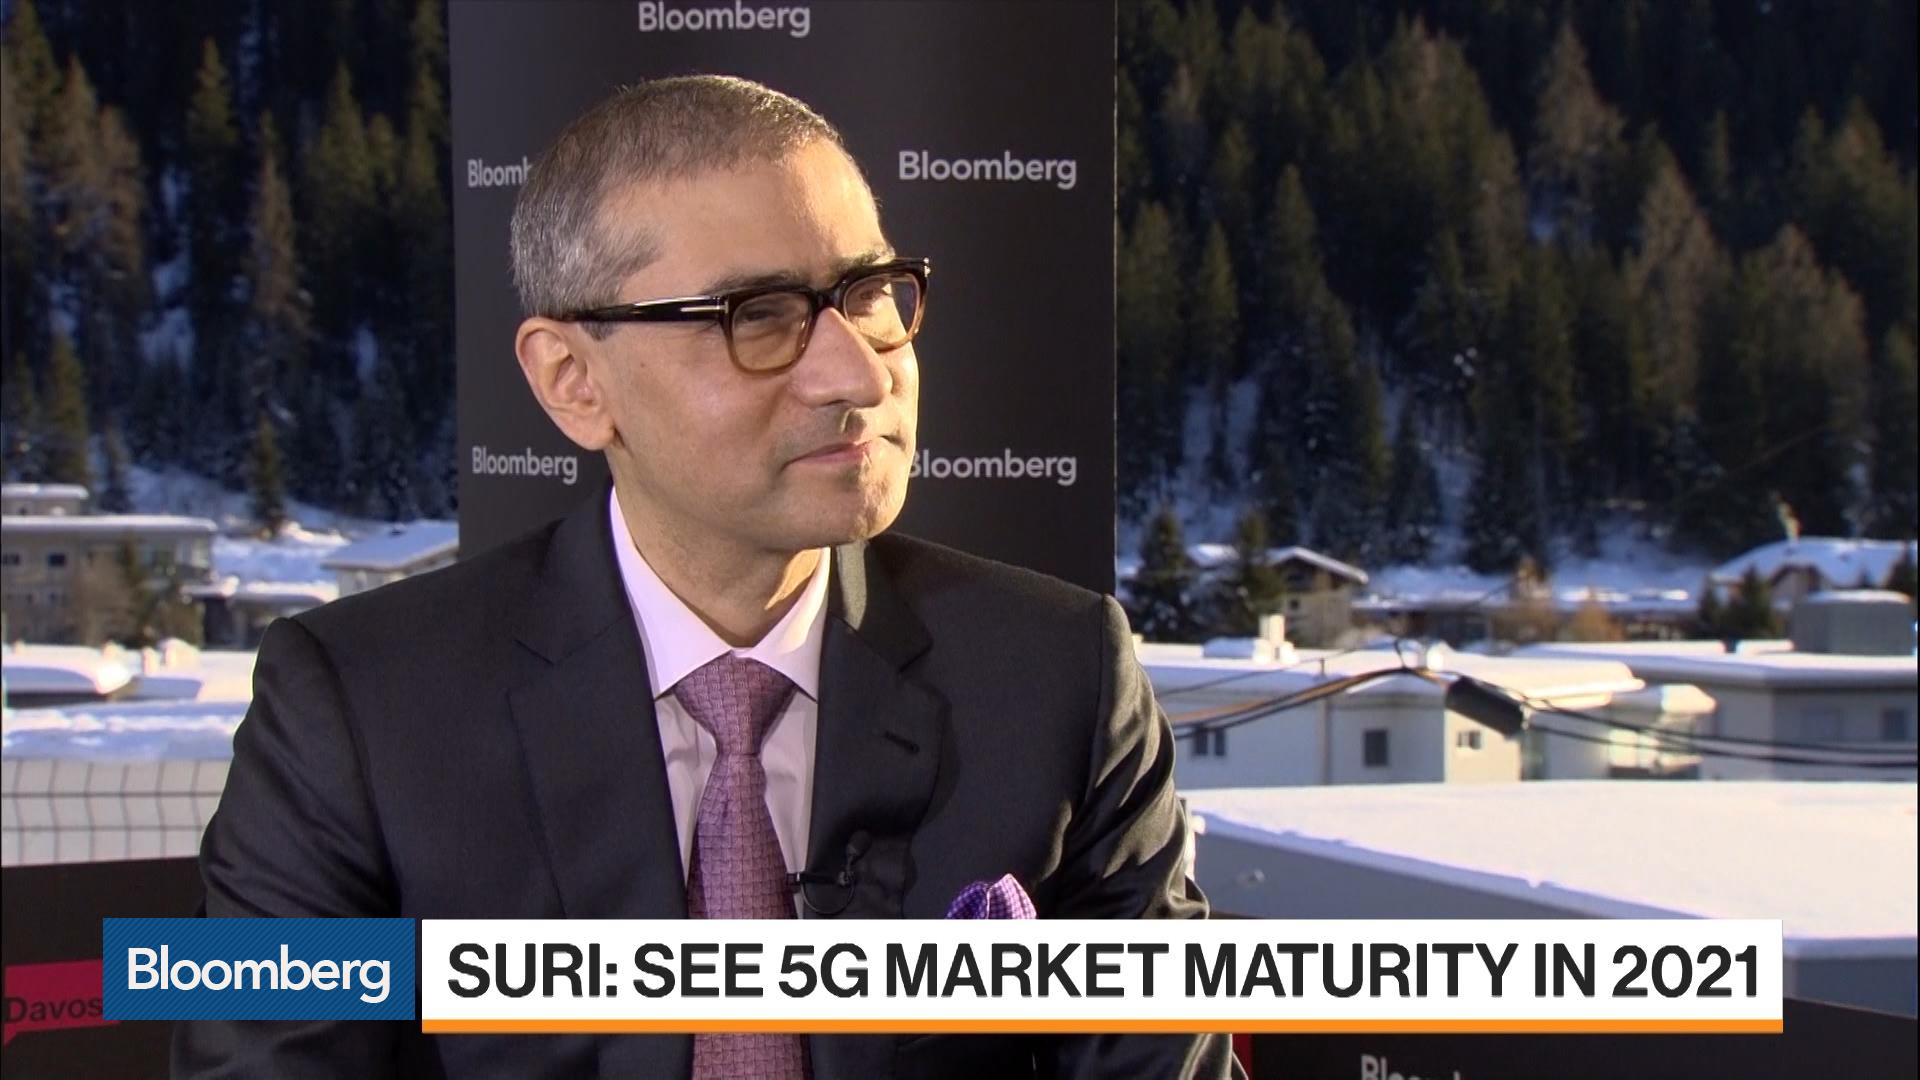 Davos: Nokia CEO Rajeev Suri